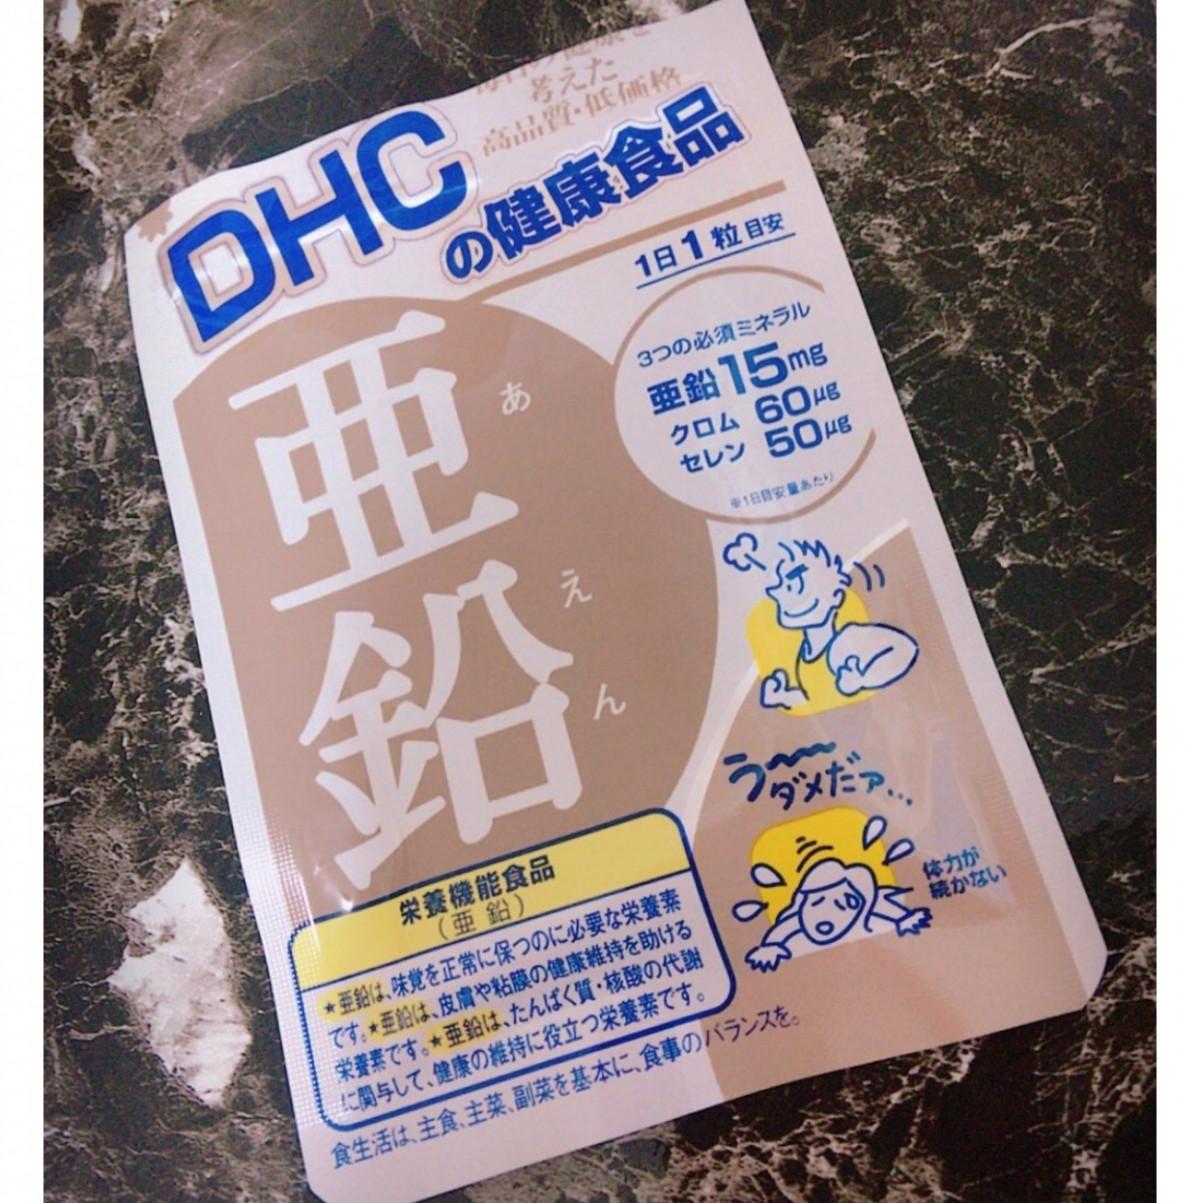 頭皮と髪の悩みに必見!20日分で195円の手軽さ!マキア7月号を参考に必須ミネラル『亜鉛』を摂り始めました。